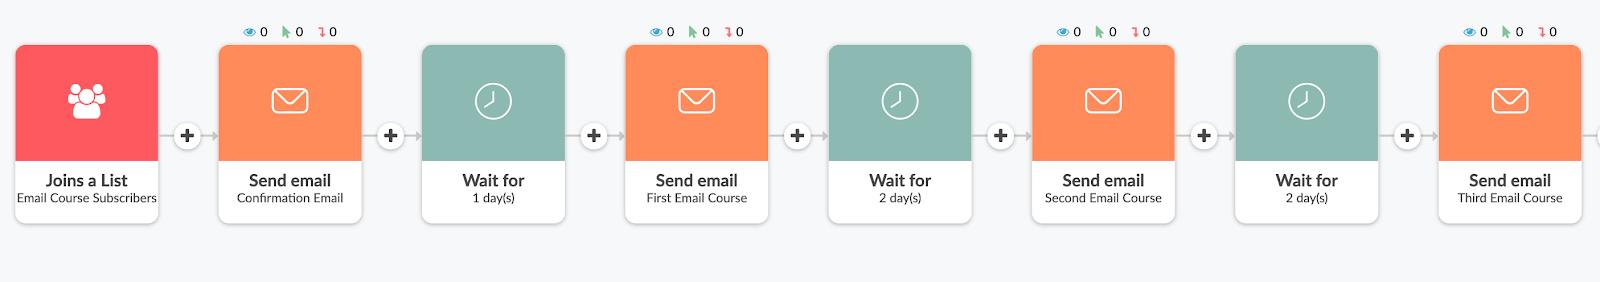 Một khóa học email theo dõi trình tự